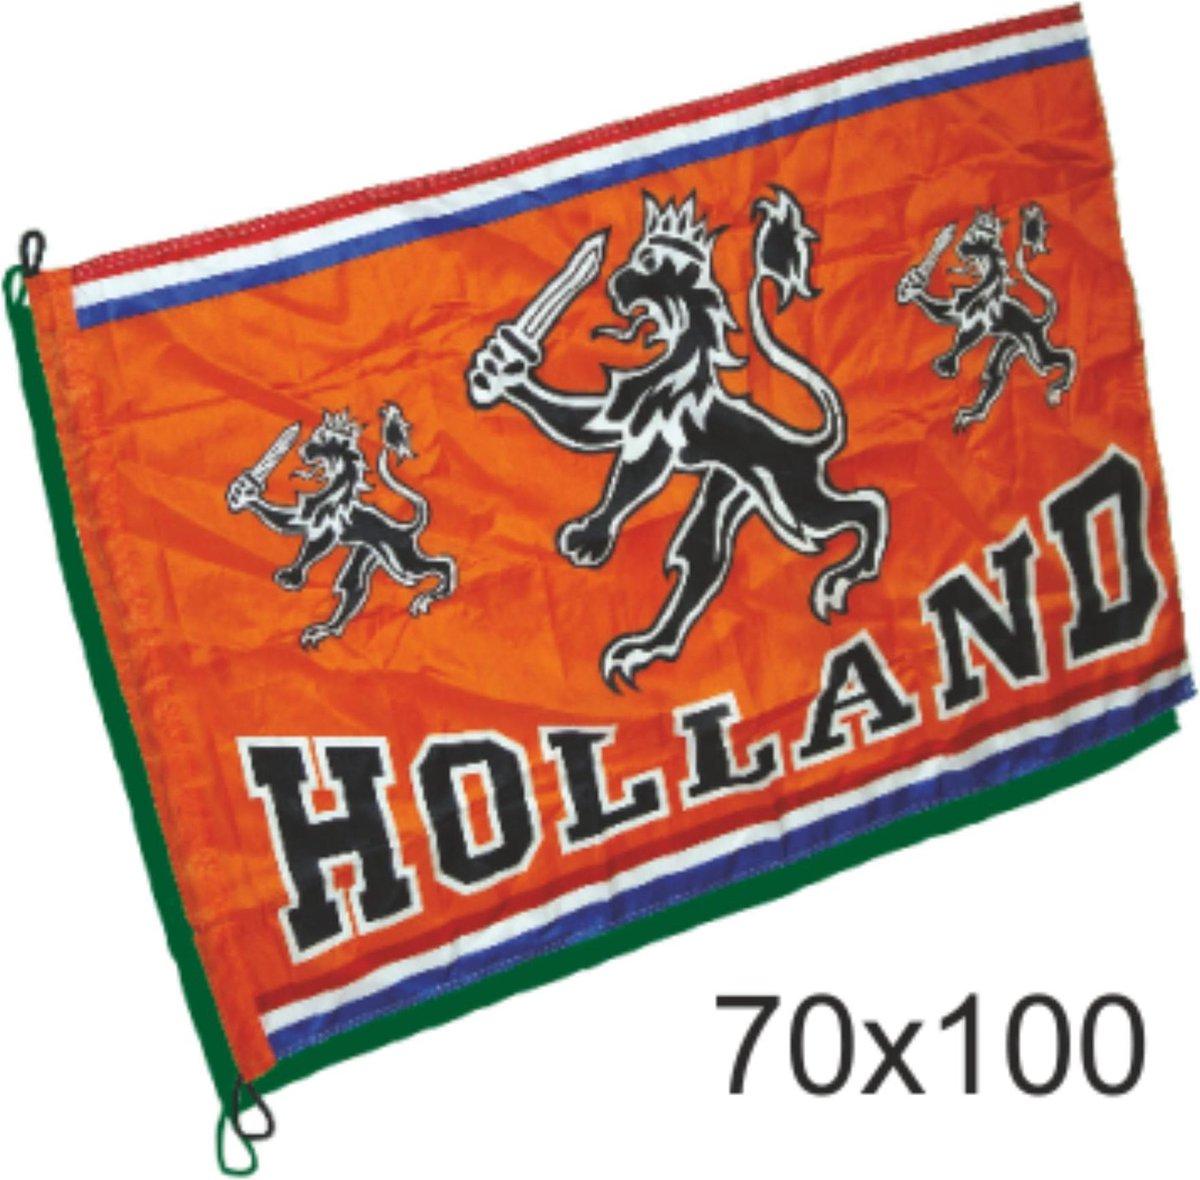 Kleine vlag oranje Holland met leeuw   EK Voetbal 2020 2021   Nederlands elftal vlag   Nederland sup